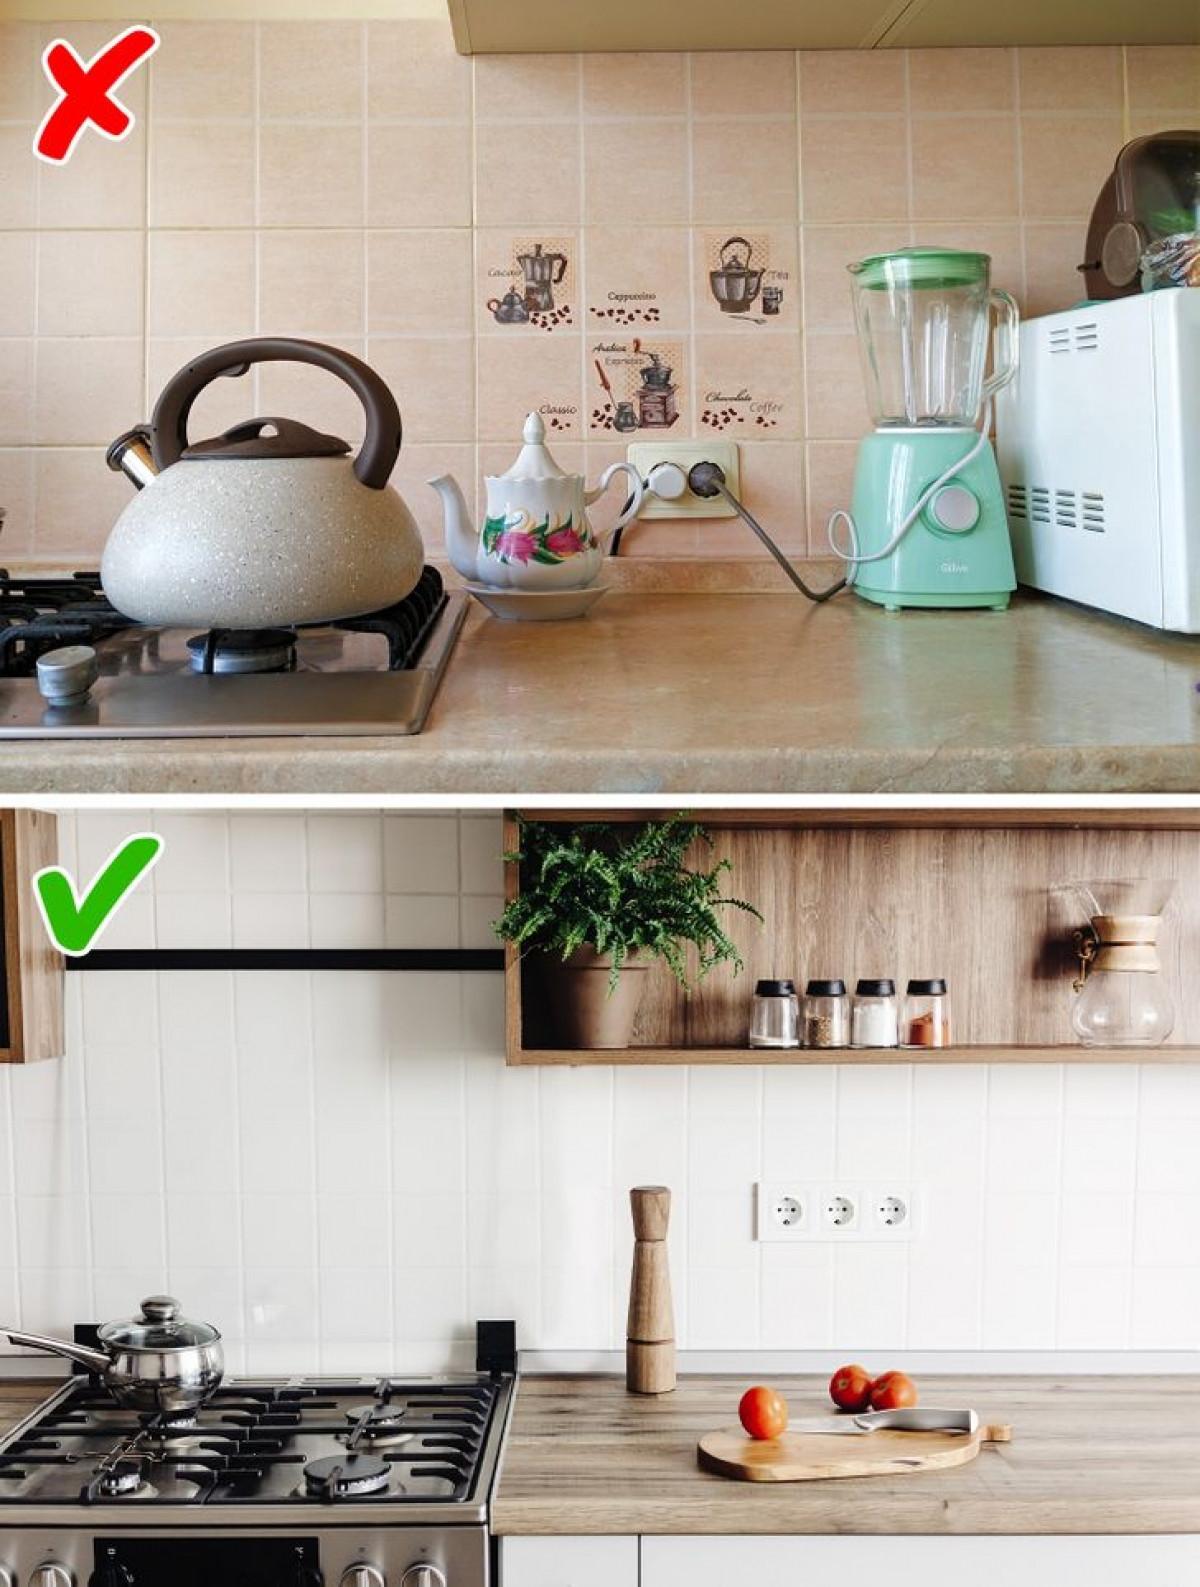 Ổ cắm điện: Bạn cần quan tâm đến nơi lắp các thiết bị ổ cắm cho phù hợp với không gian bếp, đồng thời lựa chọn kiểu dáng, màu sắc ổ cắm hài hoà với không gian bếp. Nếu có thể, hãy cài đặt các ổ cắm ẩn để có căn bếp sang trọng, hiện đại.